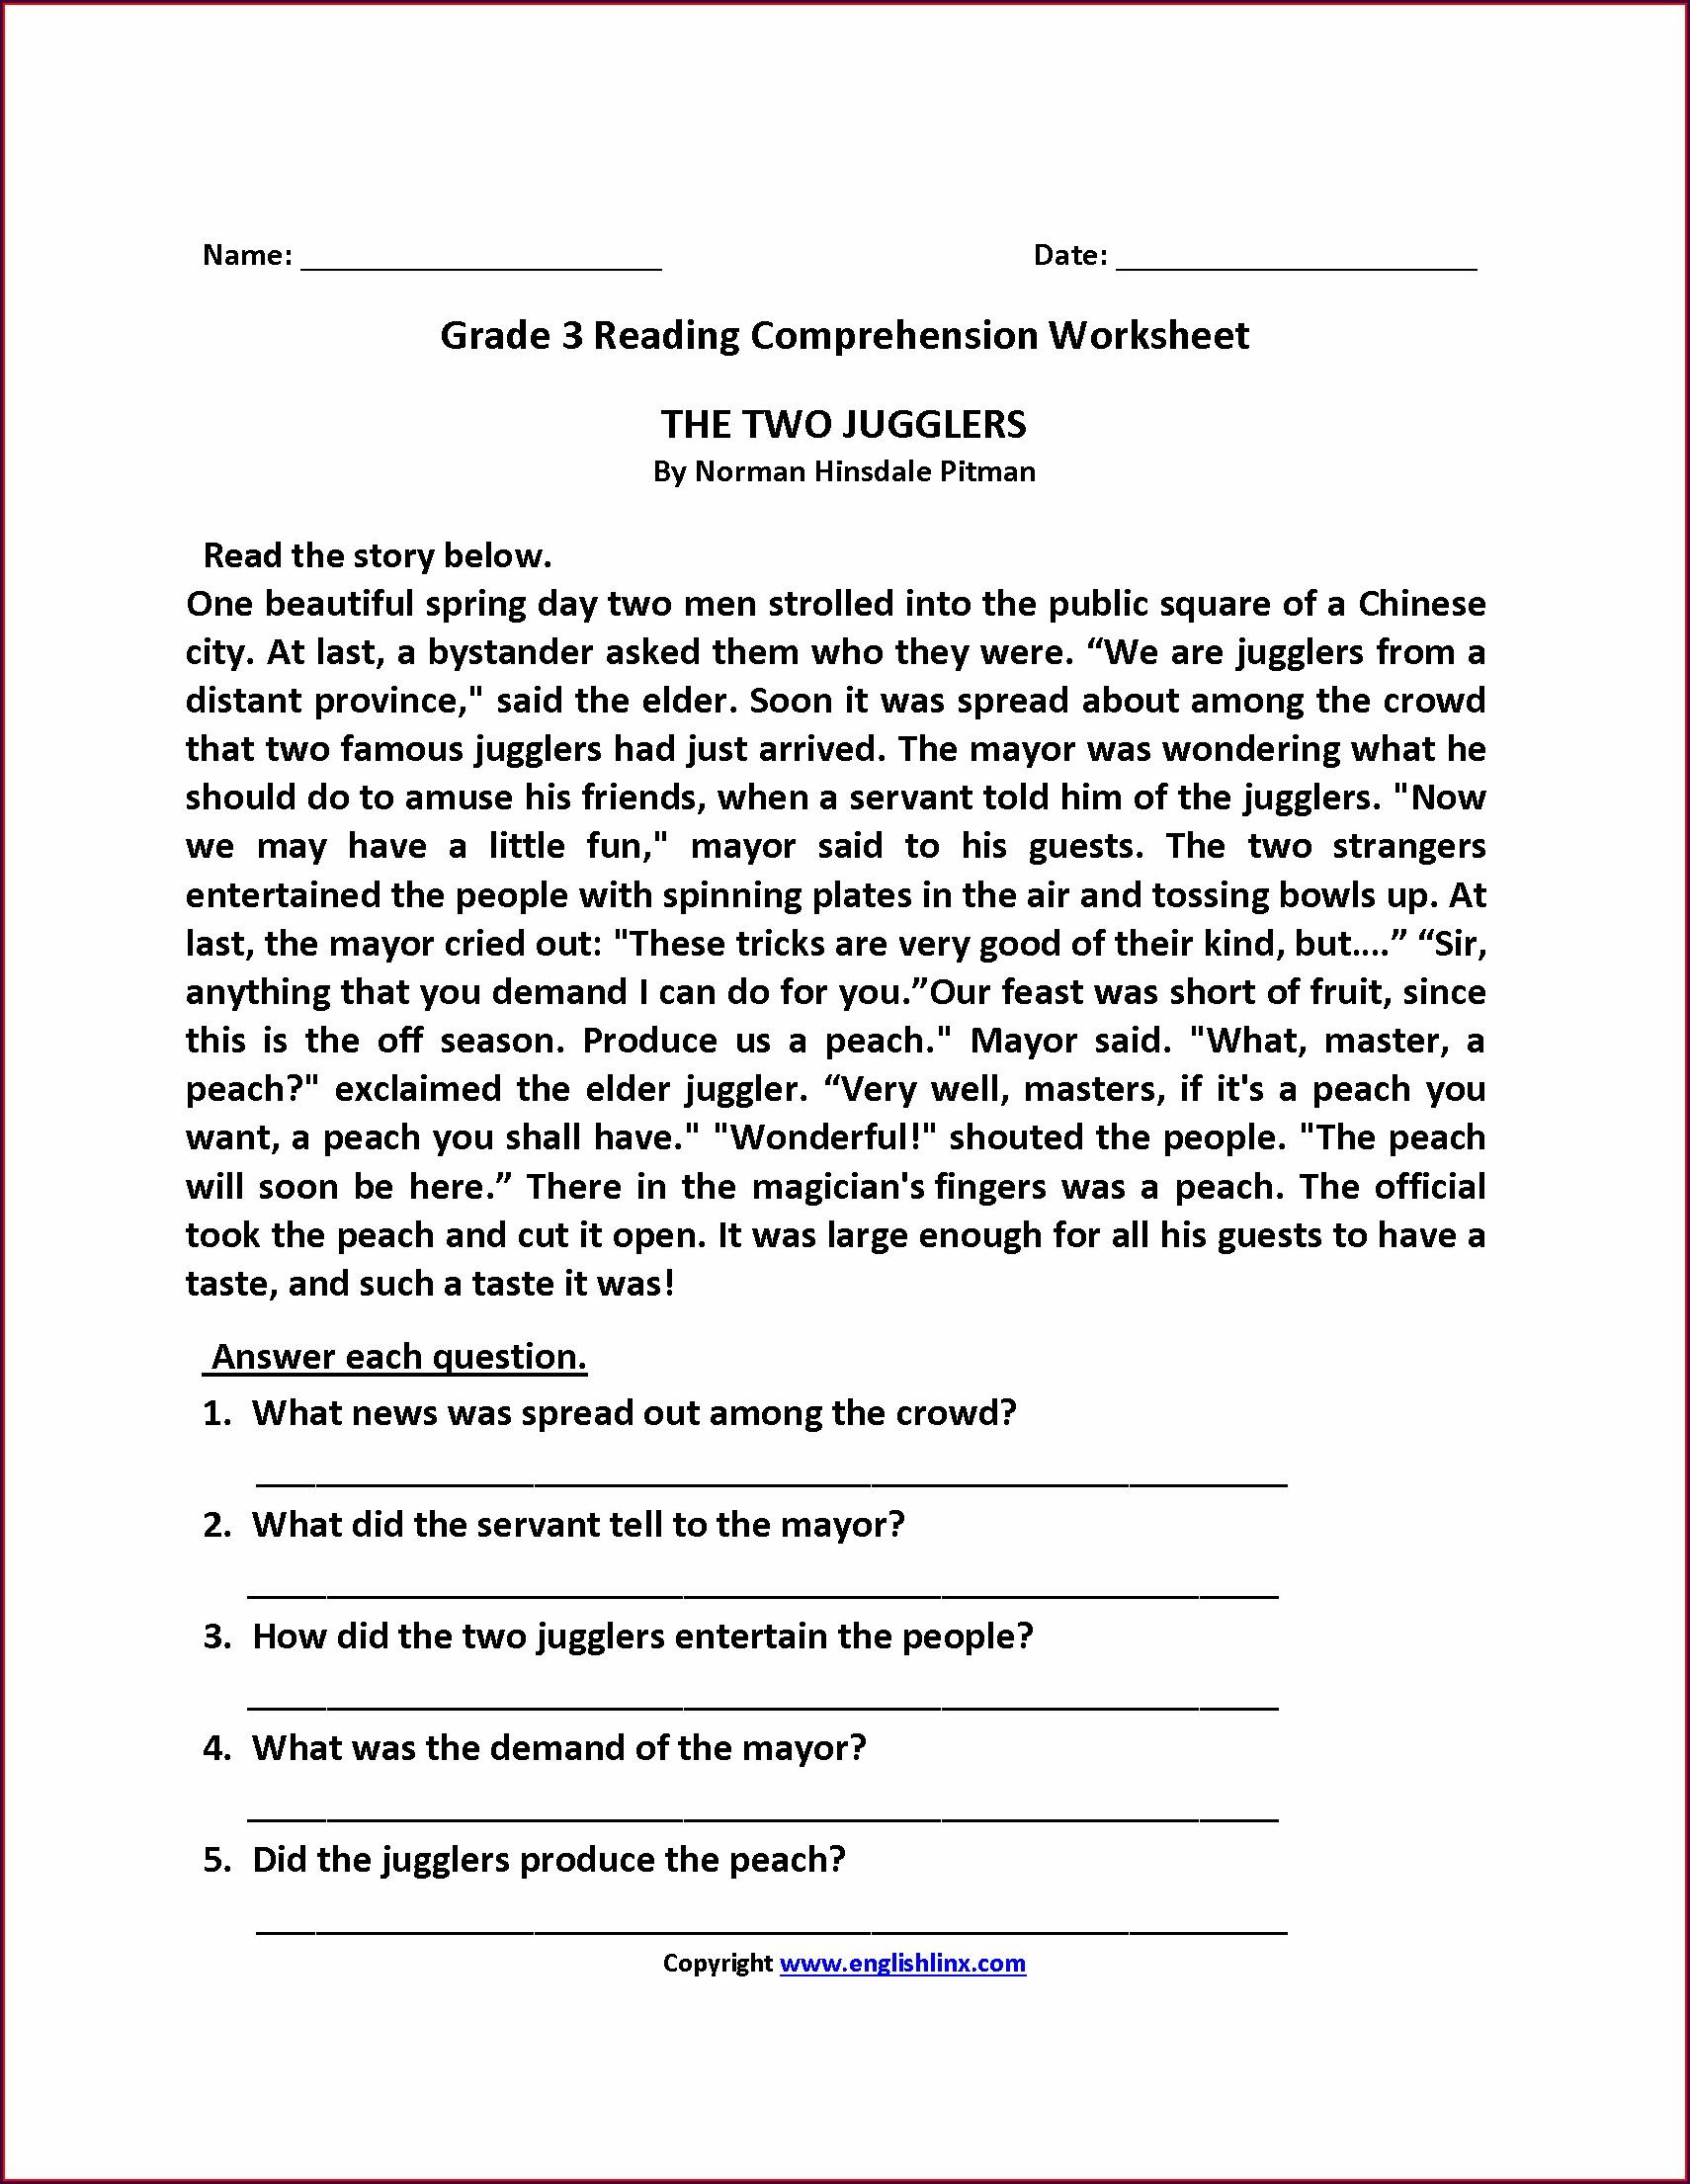 Comprehension Worksheet For Grade 3 Pdf